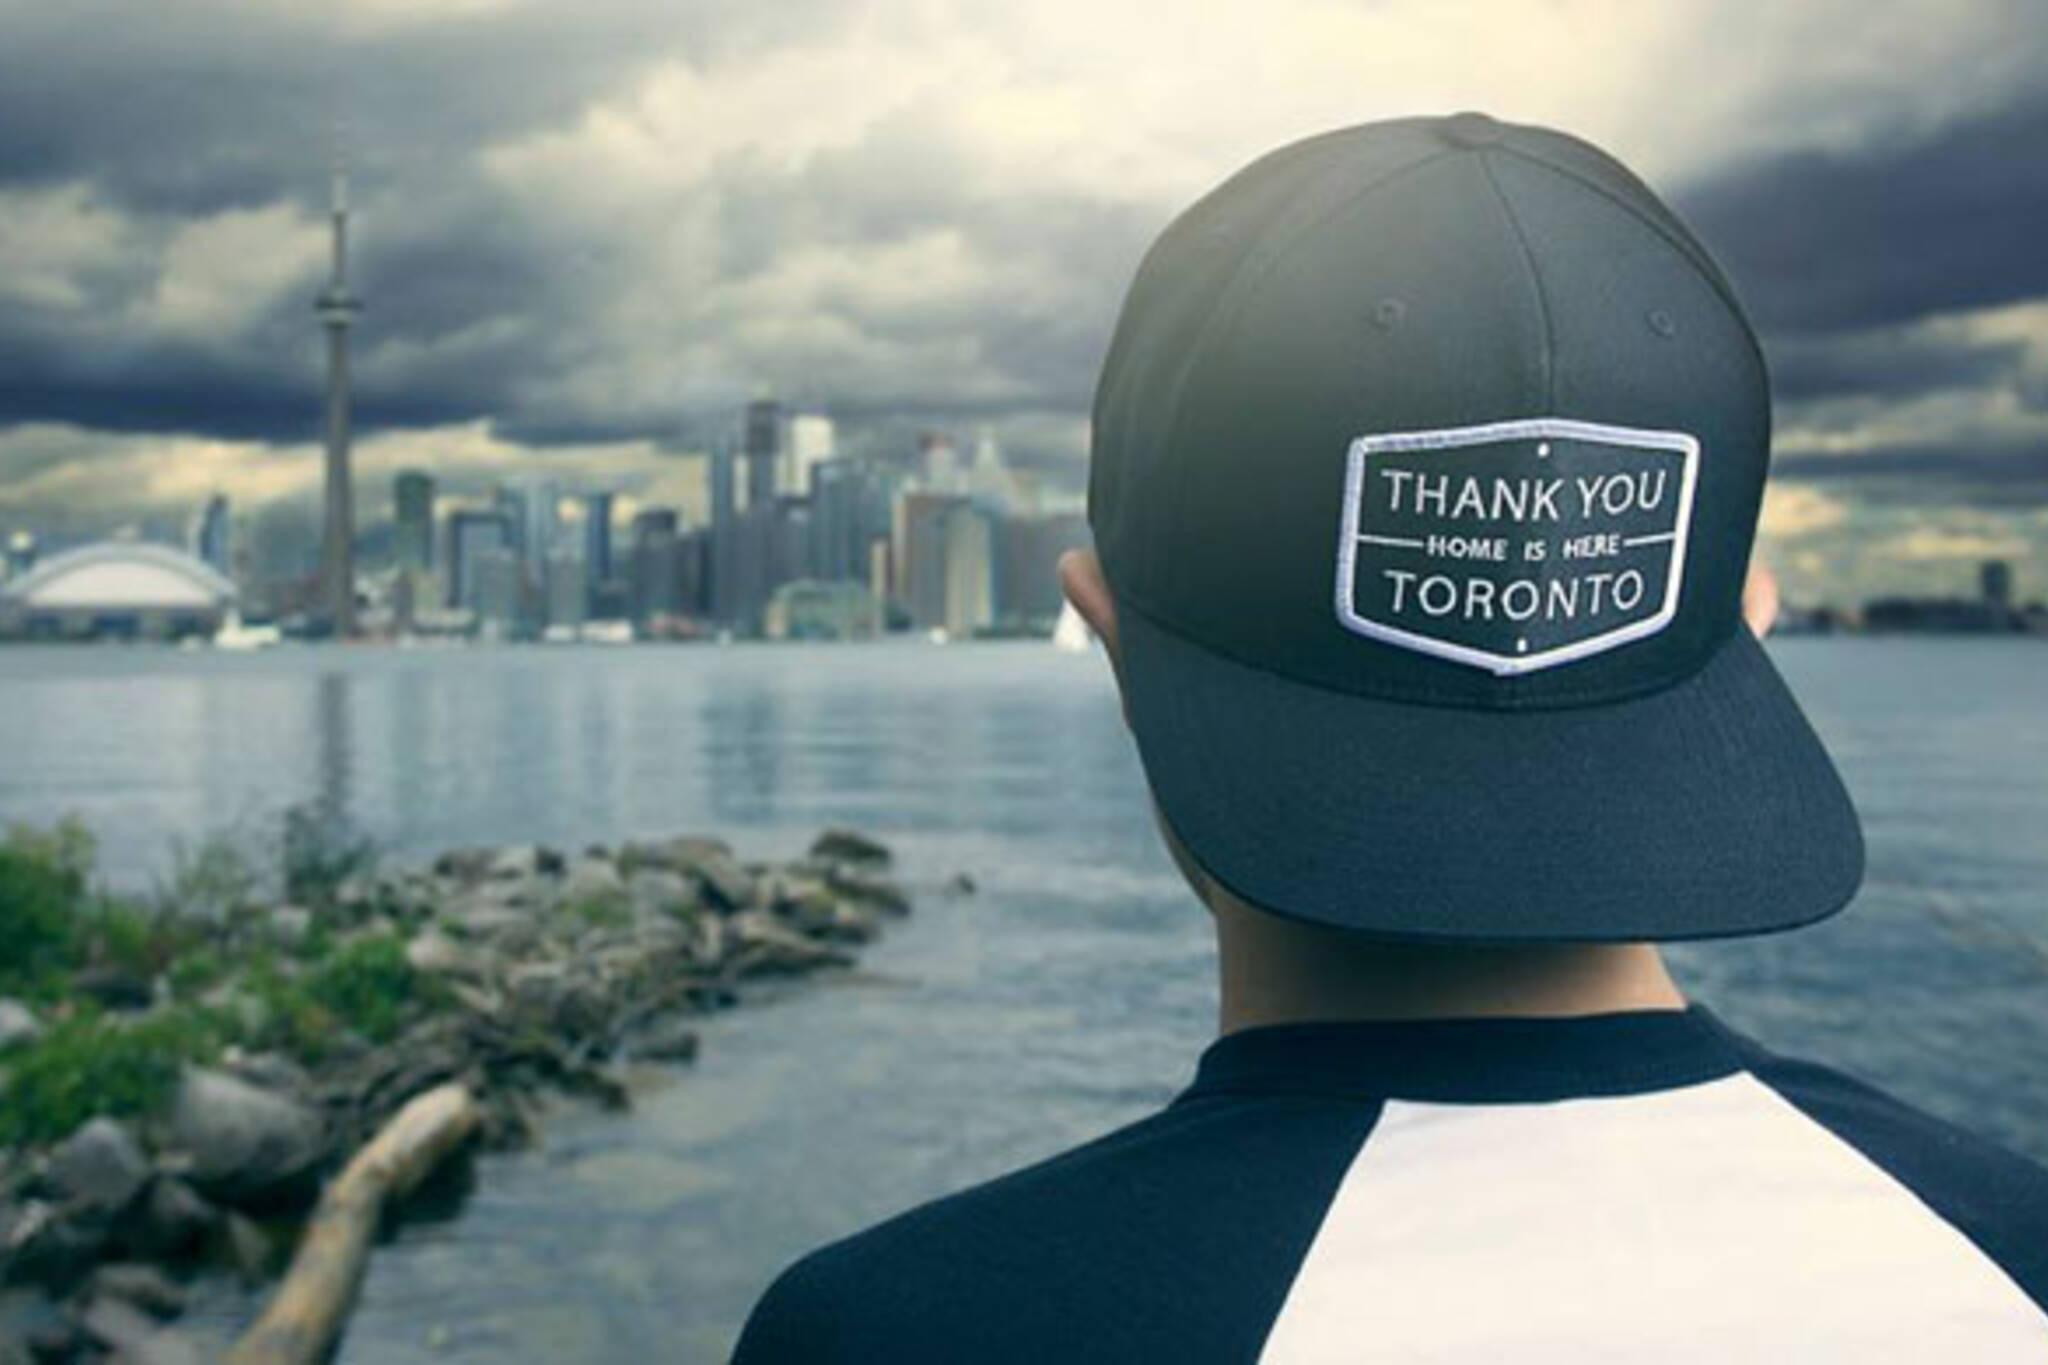 thank you toronto